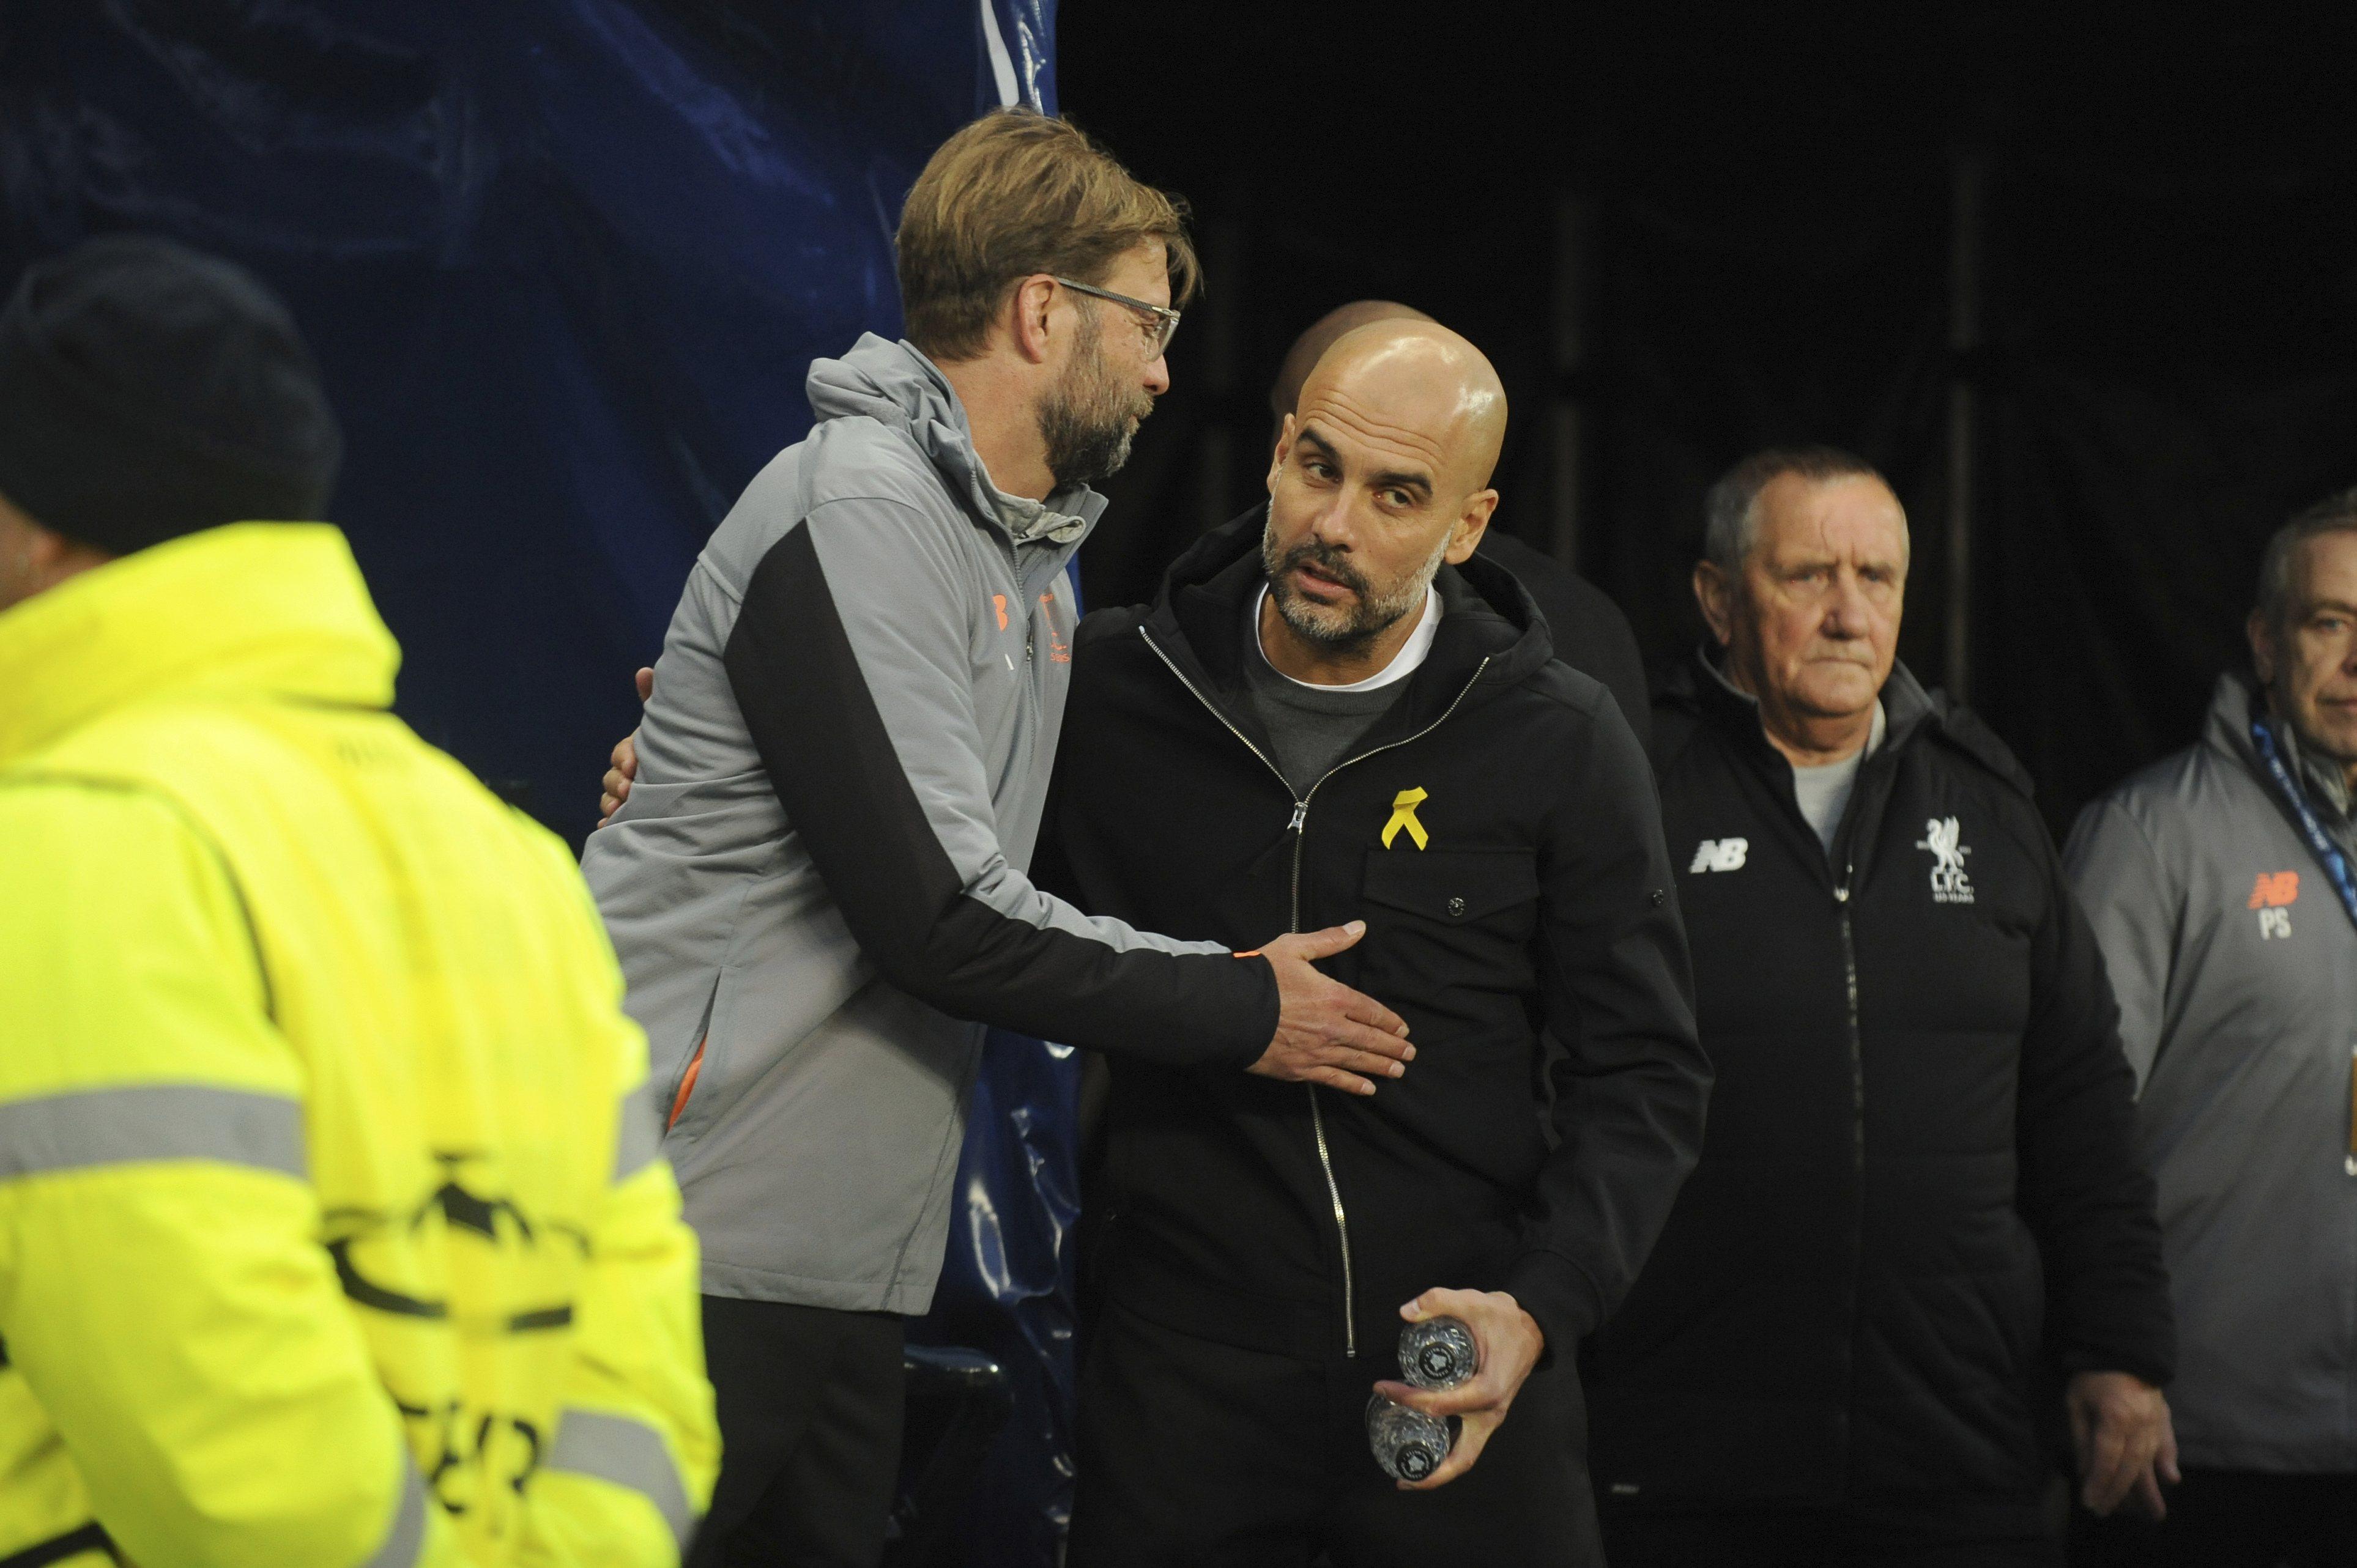 Pep Guardiola llevando el lazo amarillo durante un partido del Manchester City, a pesar de la sanción de la Federación Inglesa